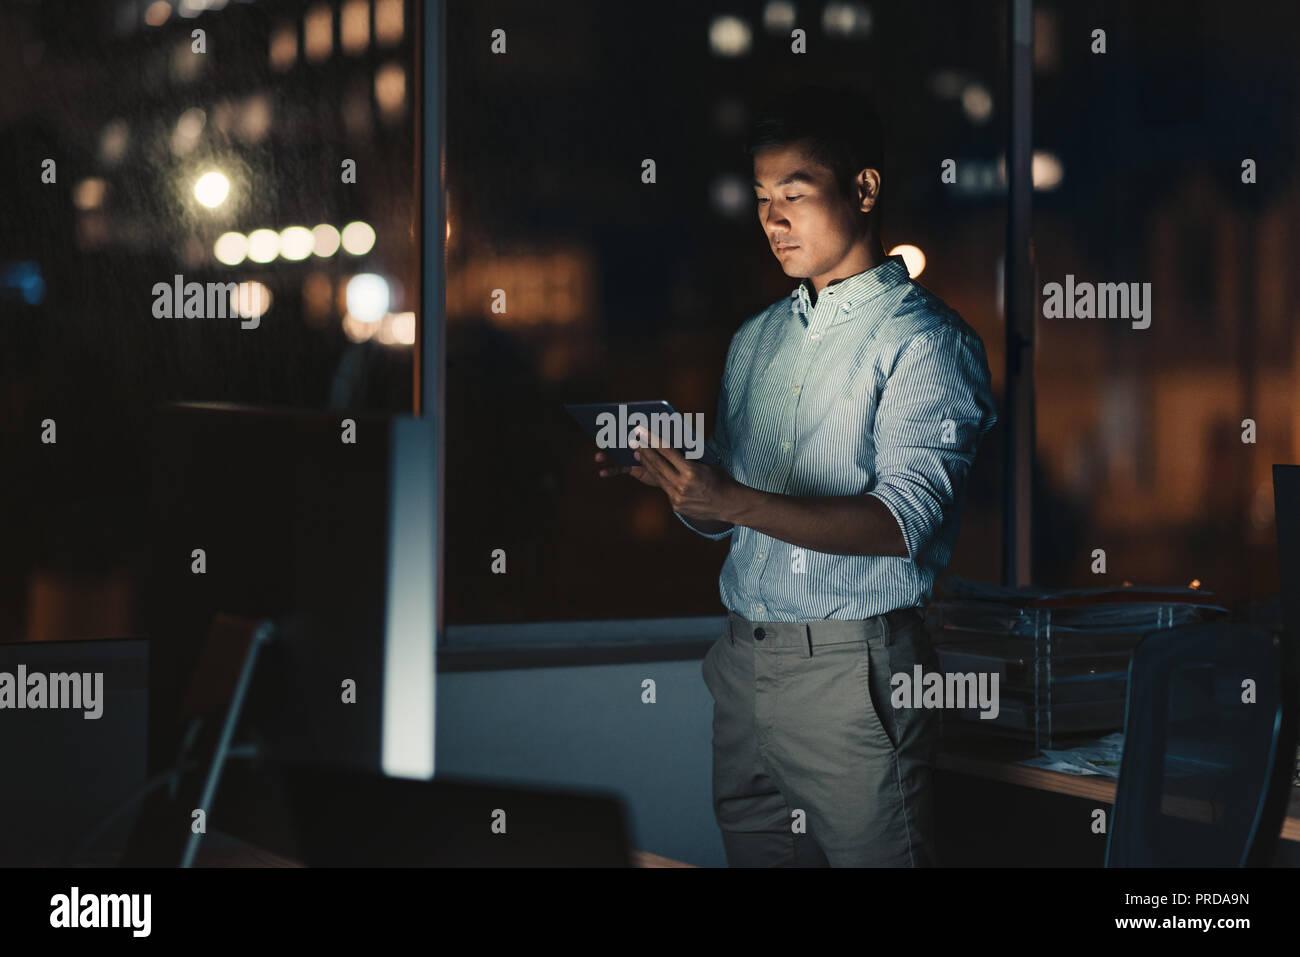 Empresario asiático utilizando una tableta digital a altas horas de la noche Foto de stock